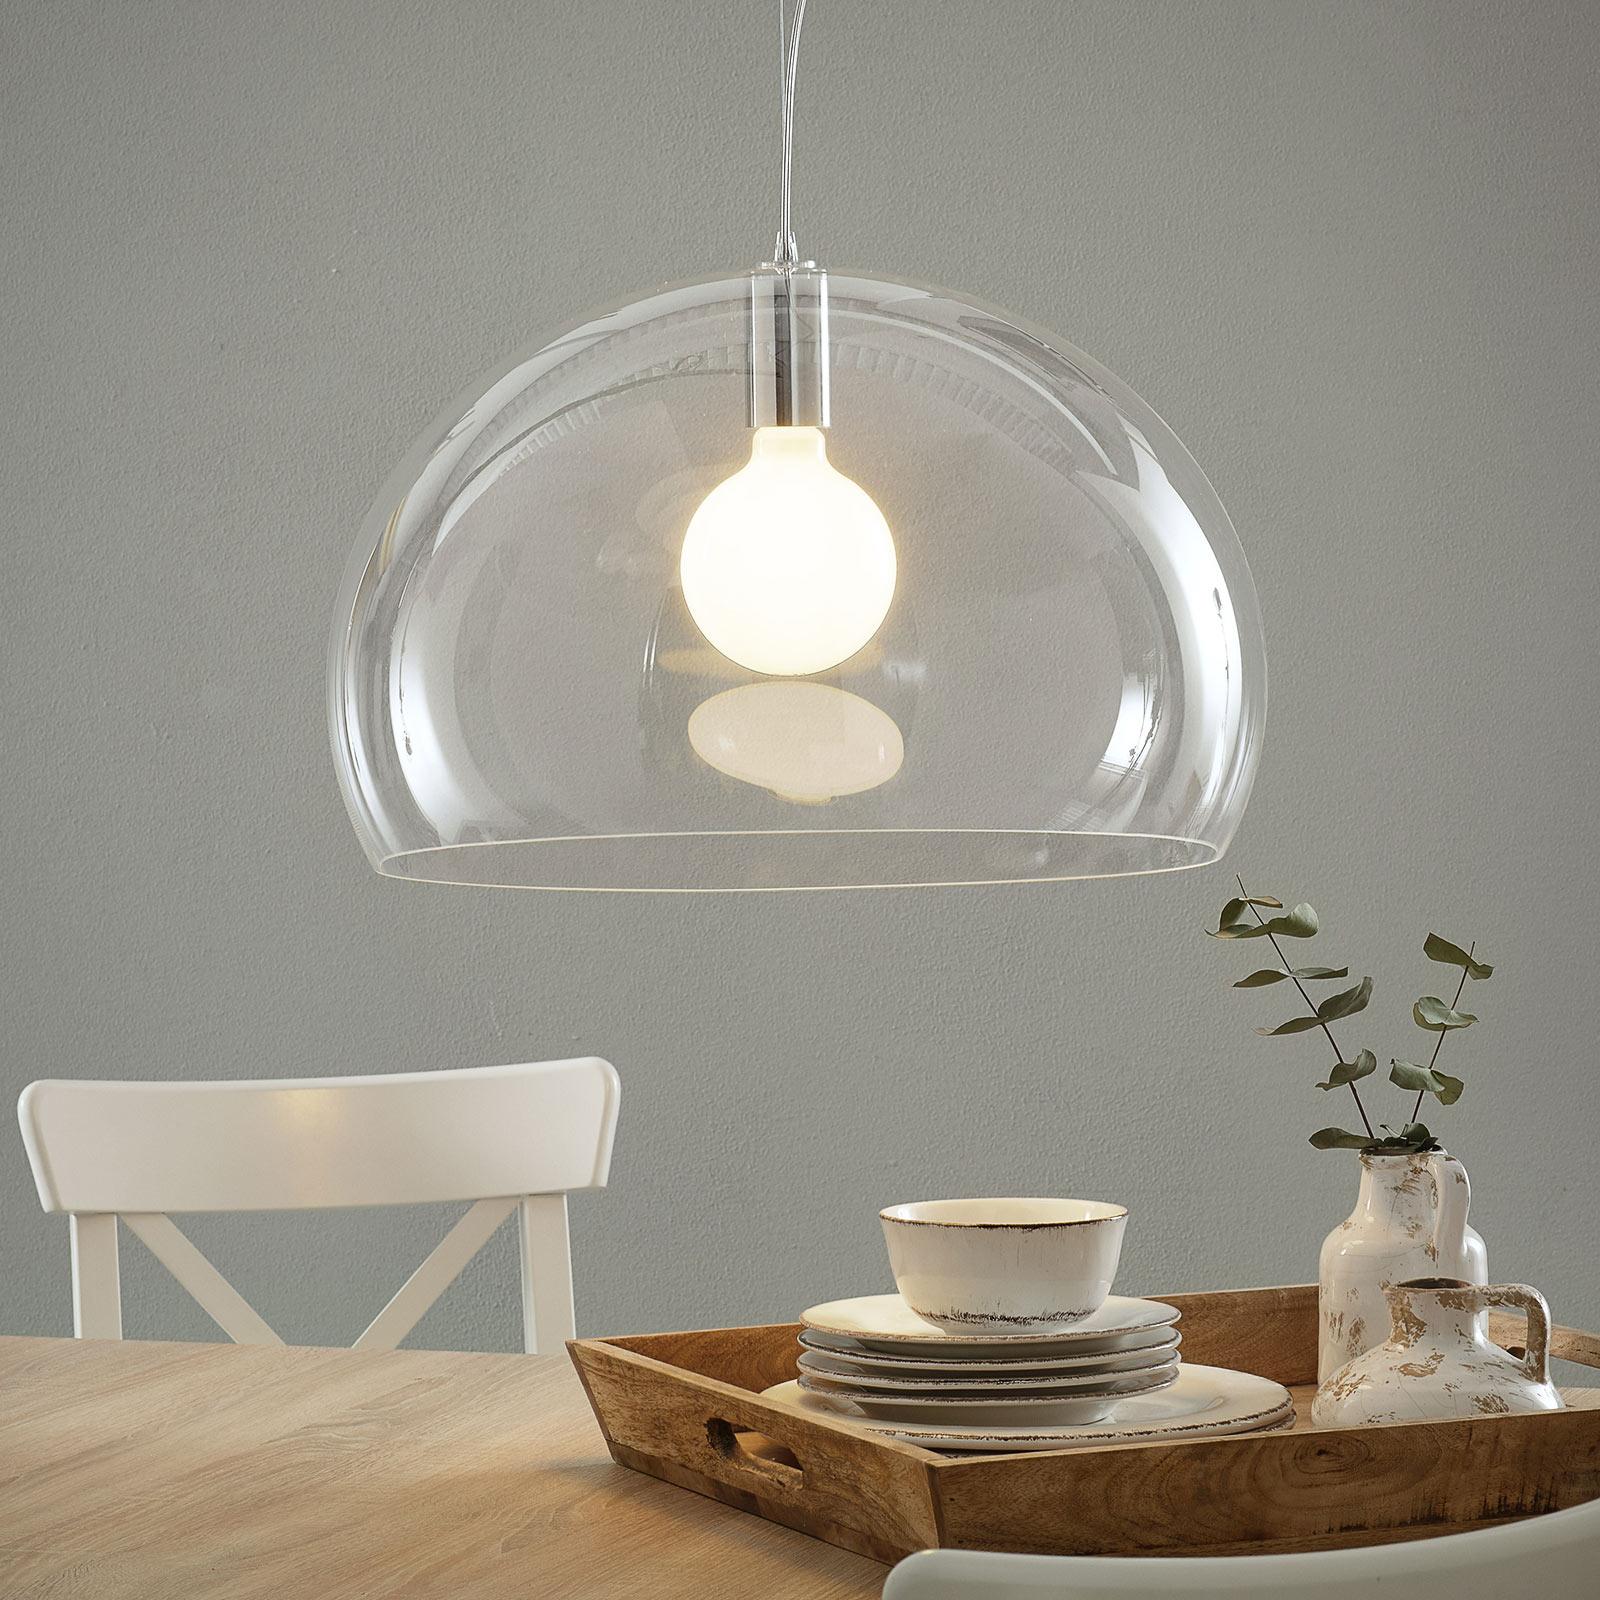 Kartell FL/Y - LED-Pendellampe, transparent